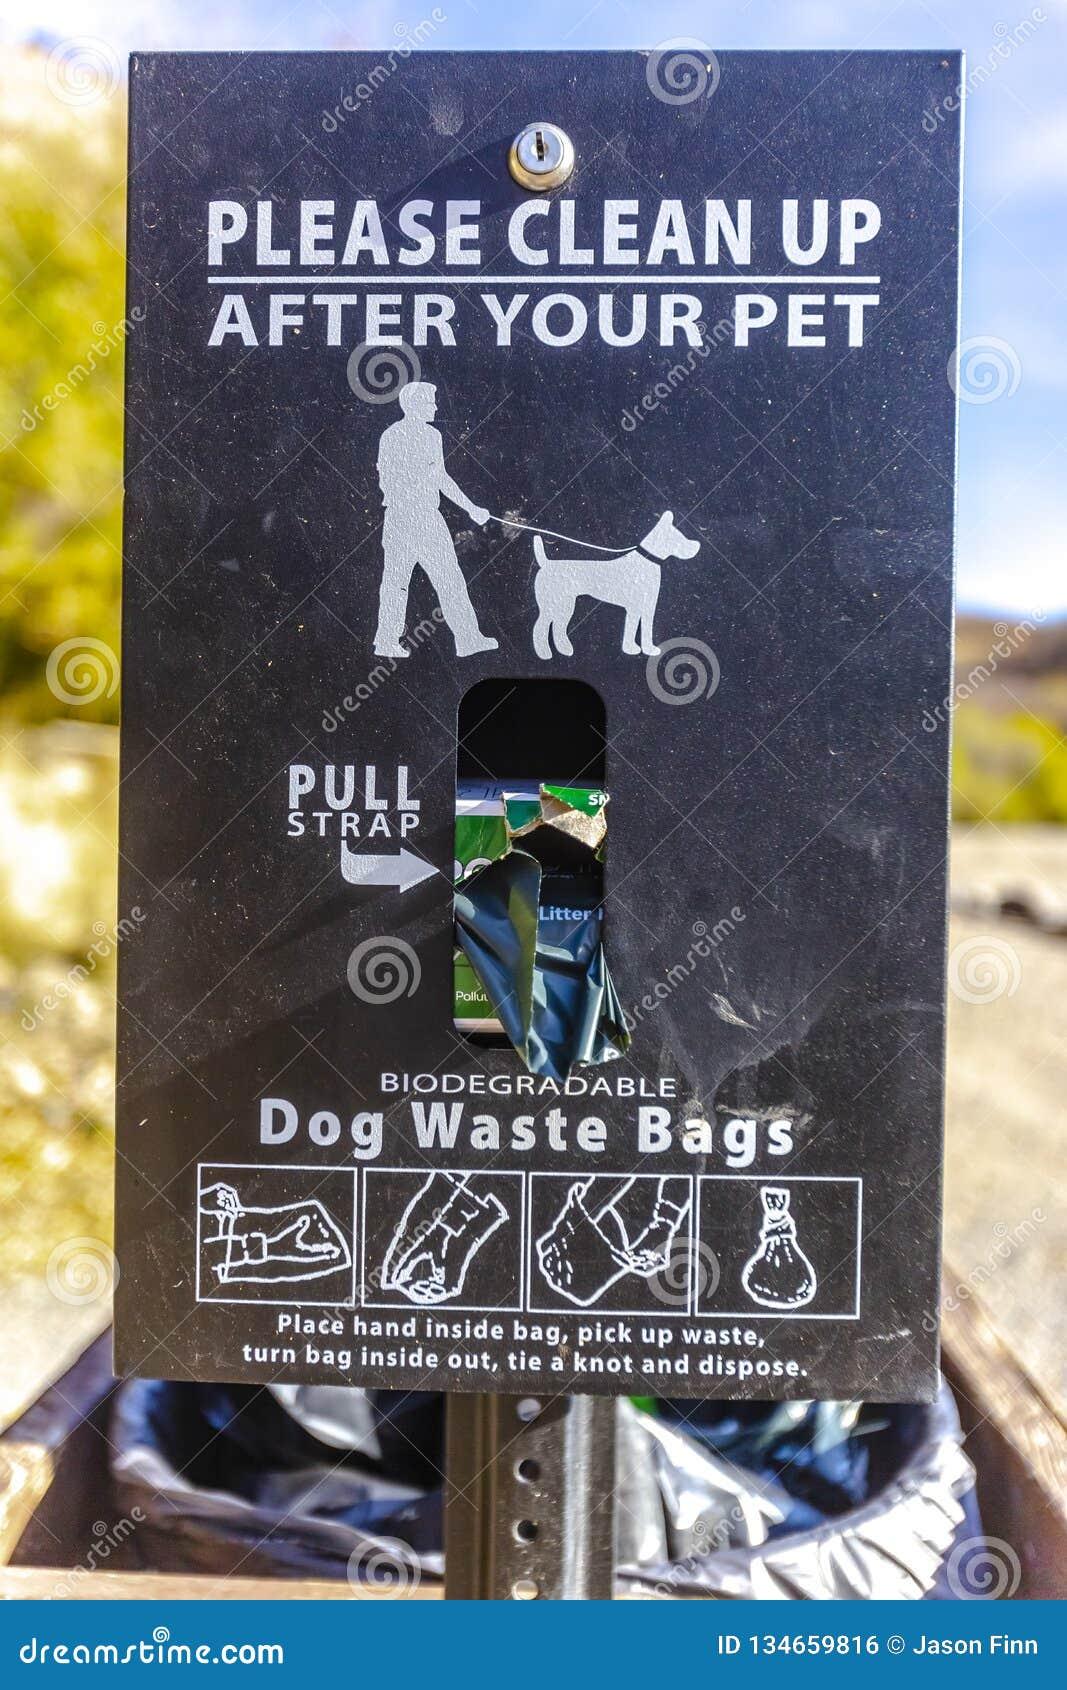 Παρακαλώ καθαρίστε μετά από το σημάδι κατοικίδιων ζώων σας με τις τσάντες